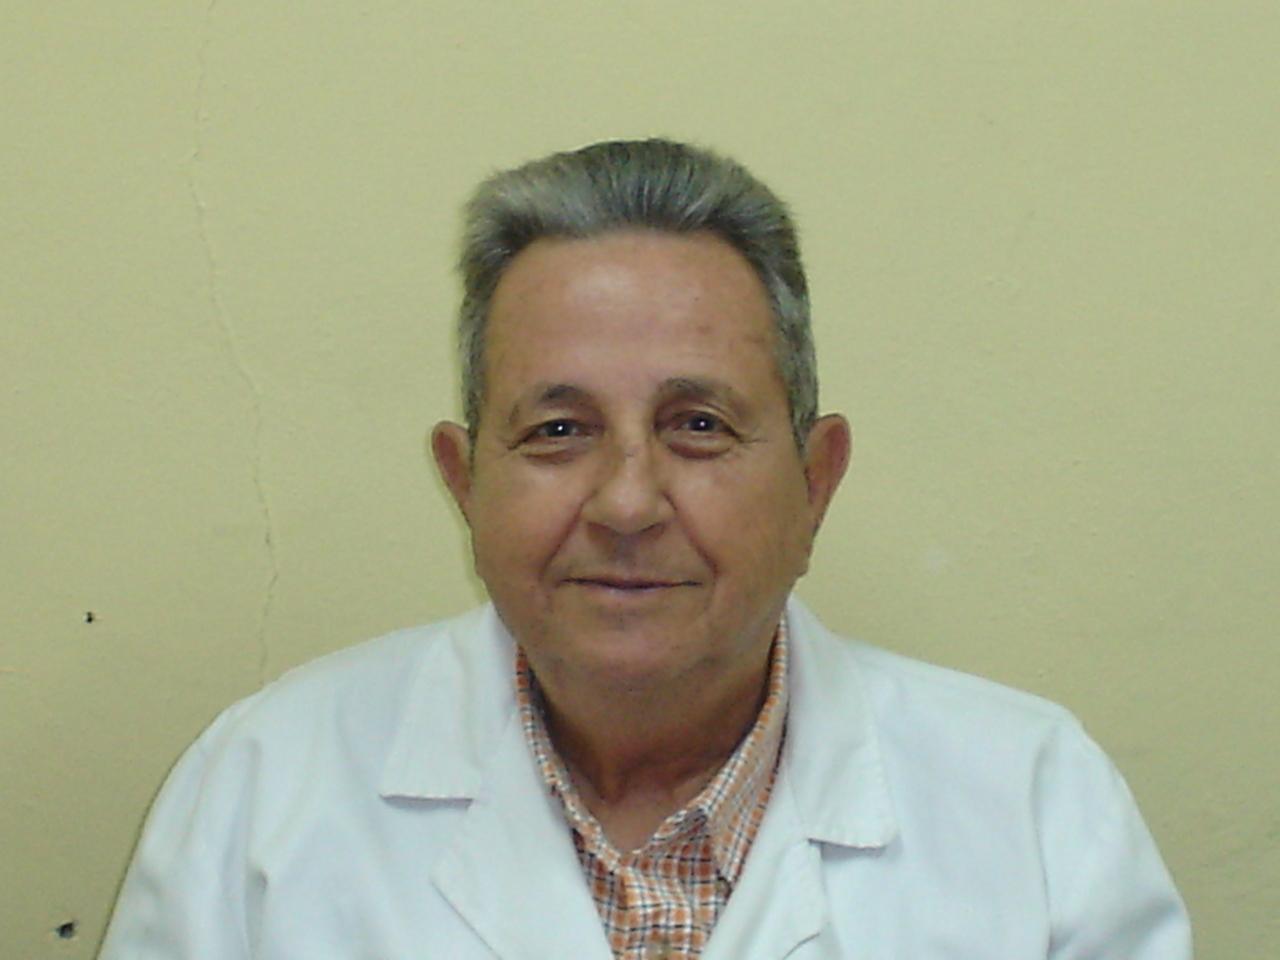 Dr. Pedro Vilorio